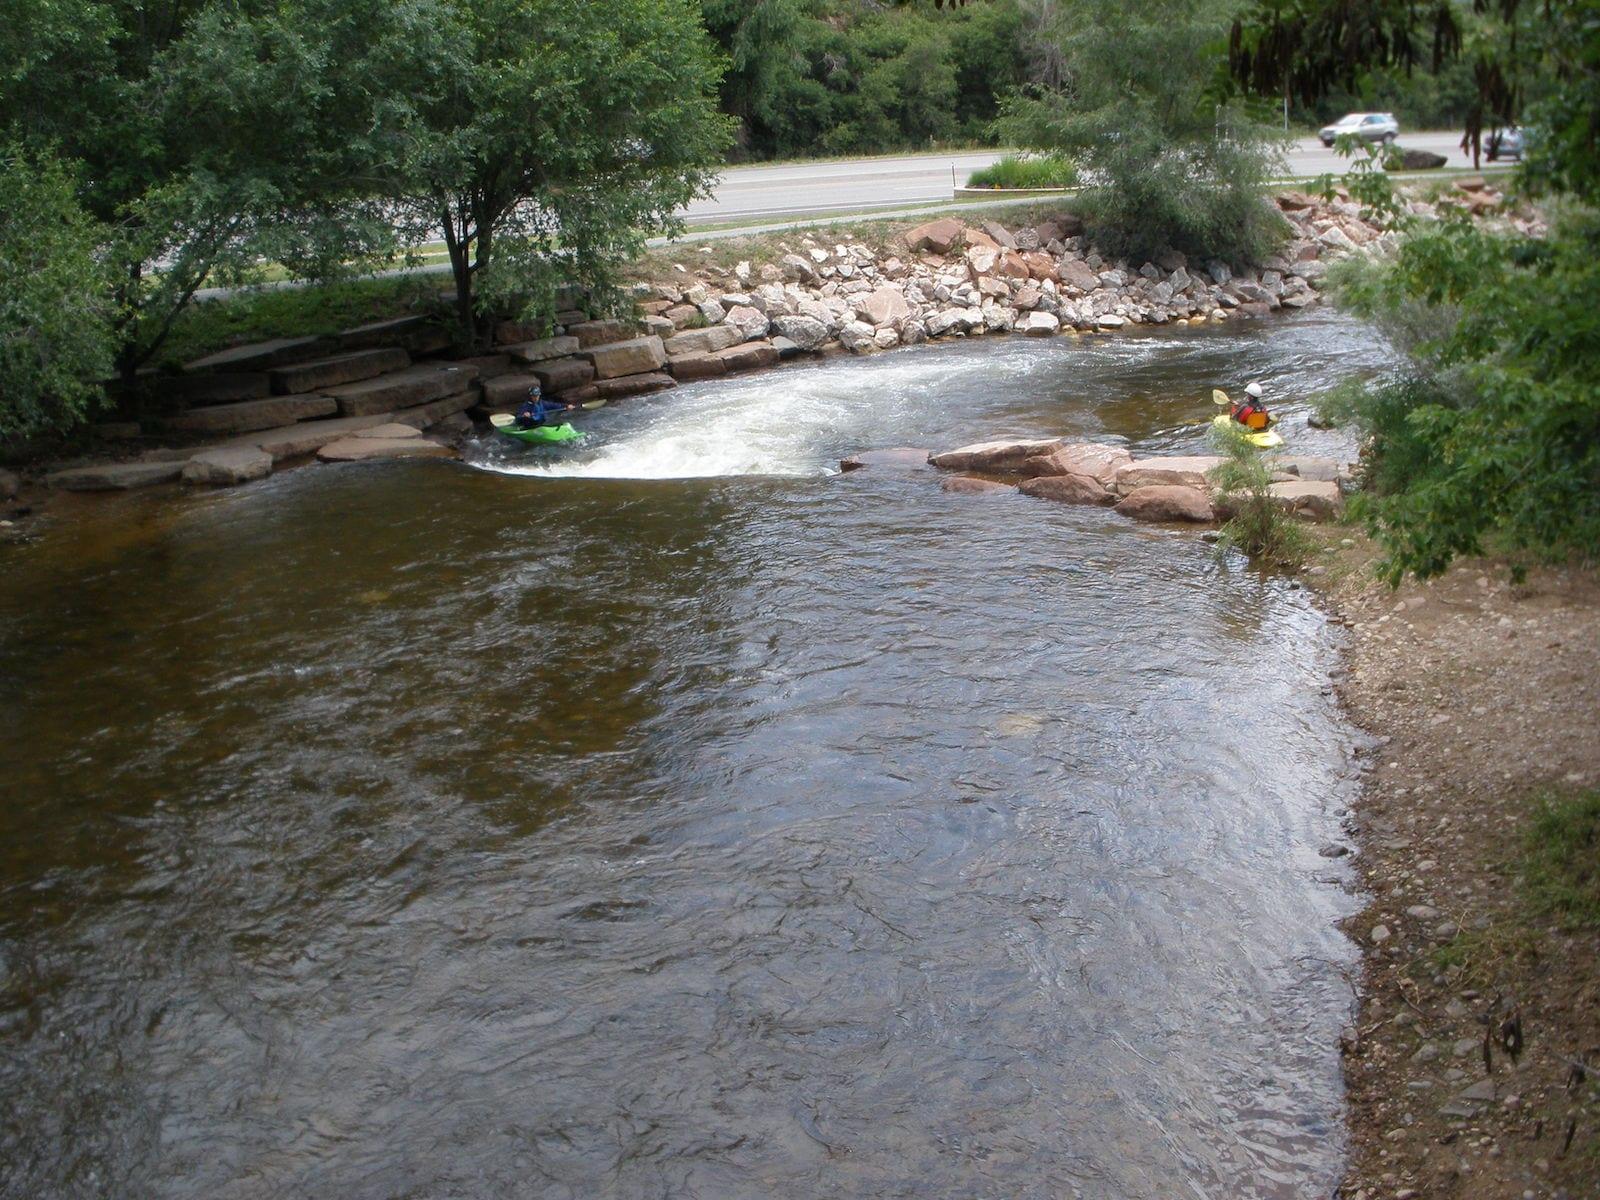 Saint Vrain Creek Kayakers Lyons CO